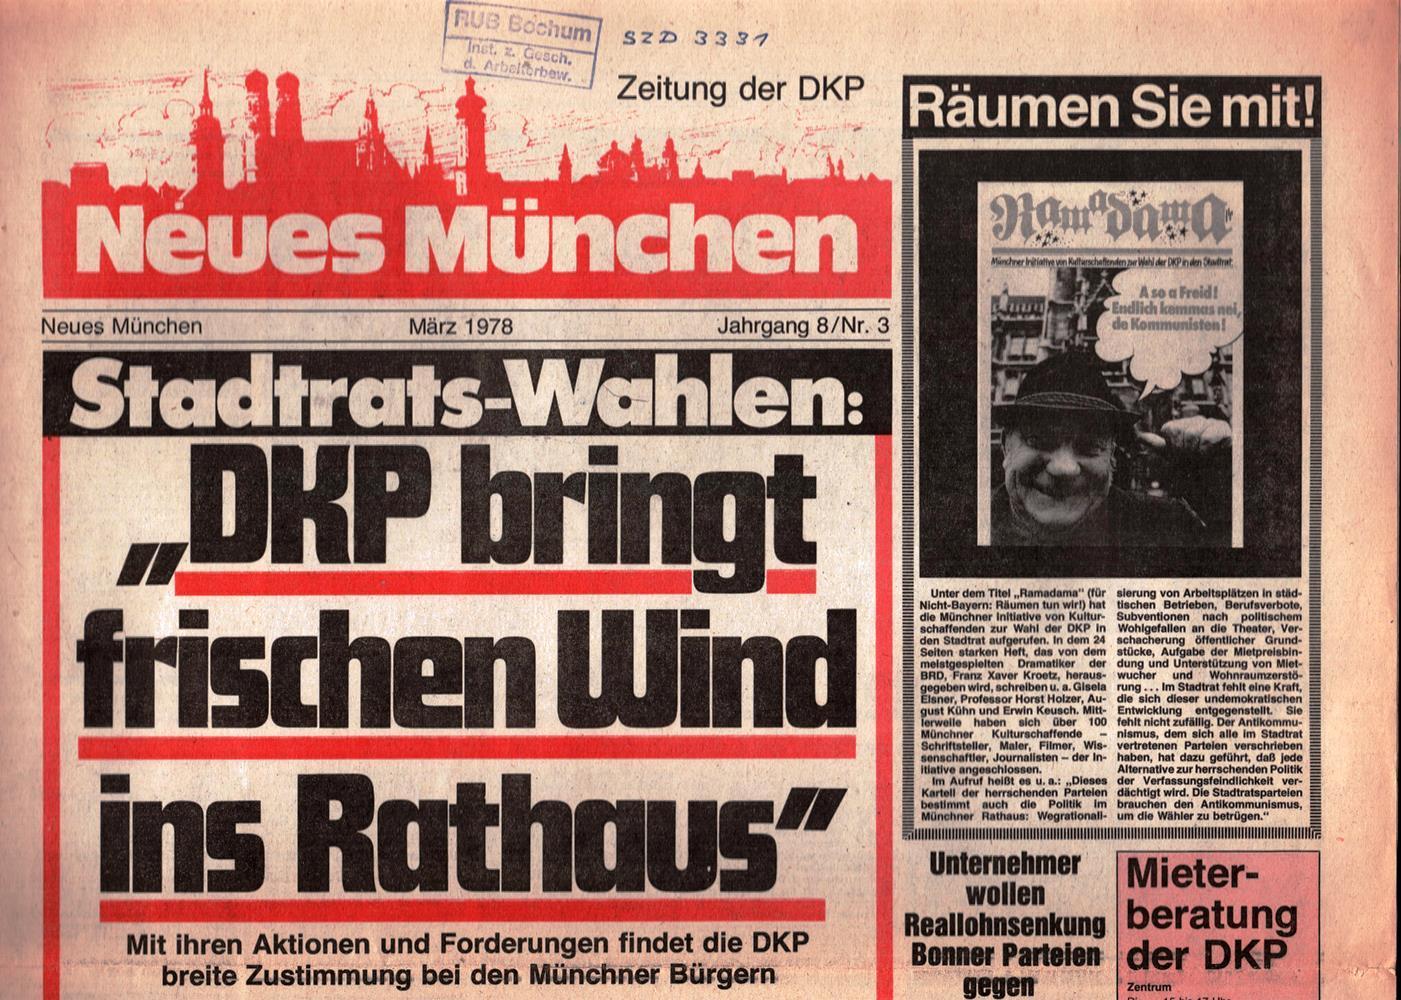 Muenchen_DKP_Neues_Muenchen_19780300_003_001